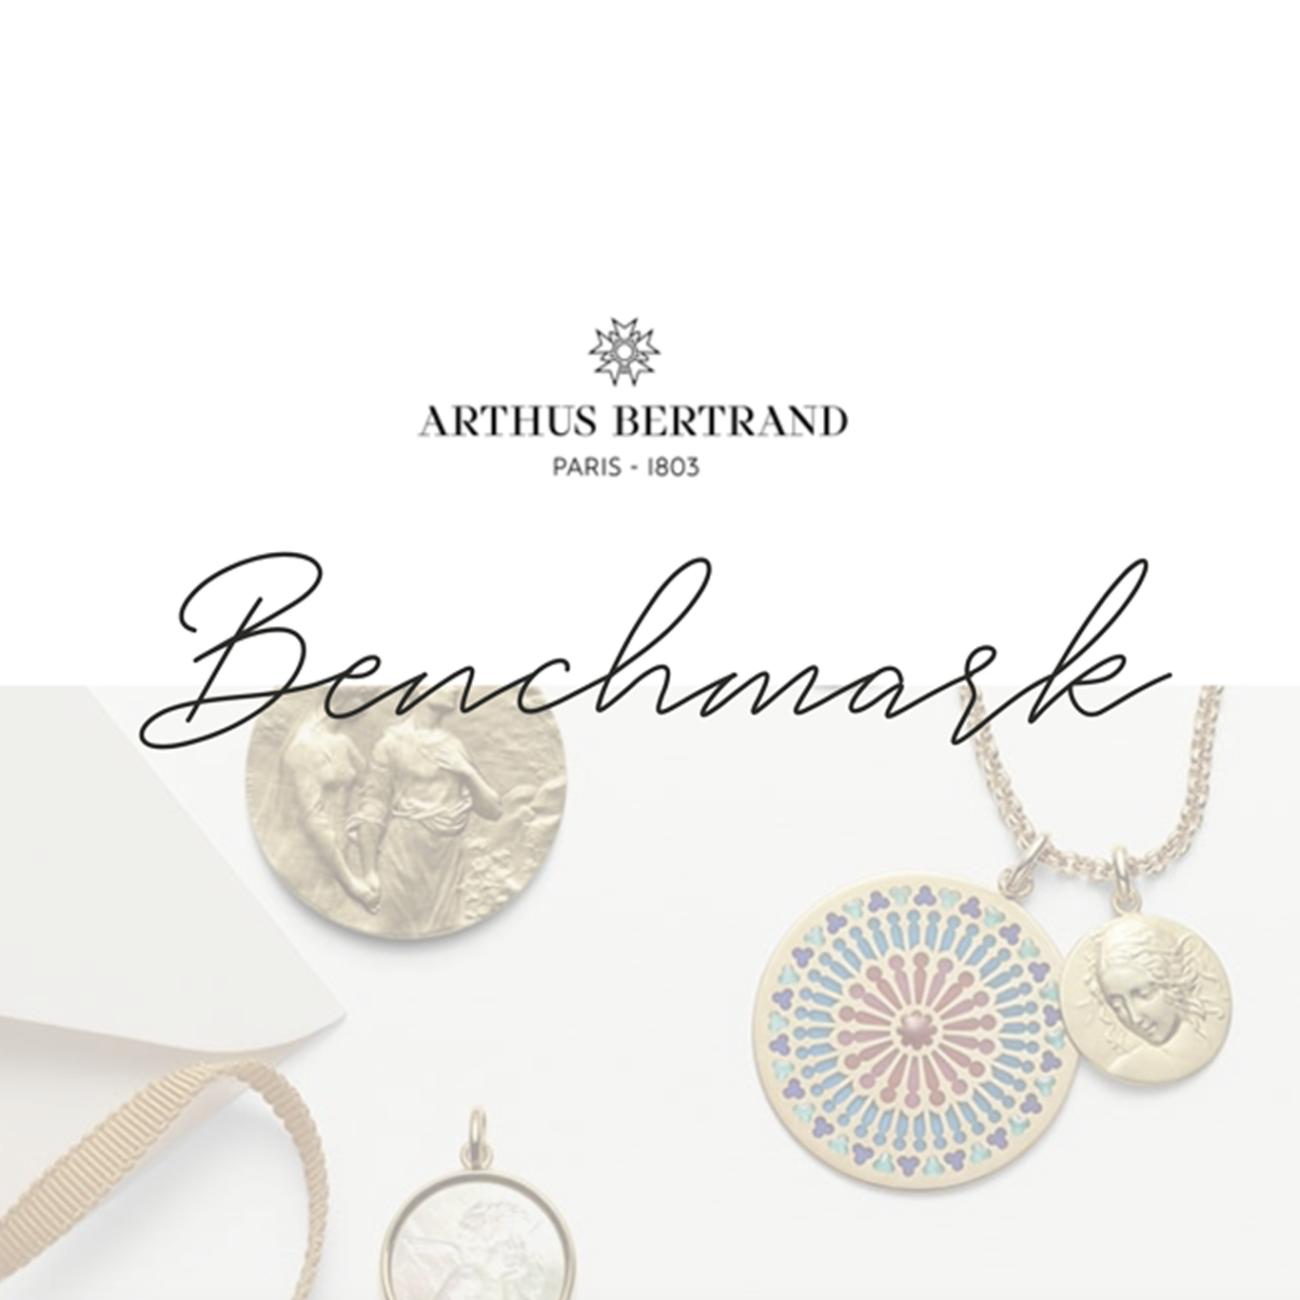 Arthus Bertrand portfolio image 1